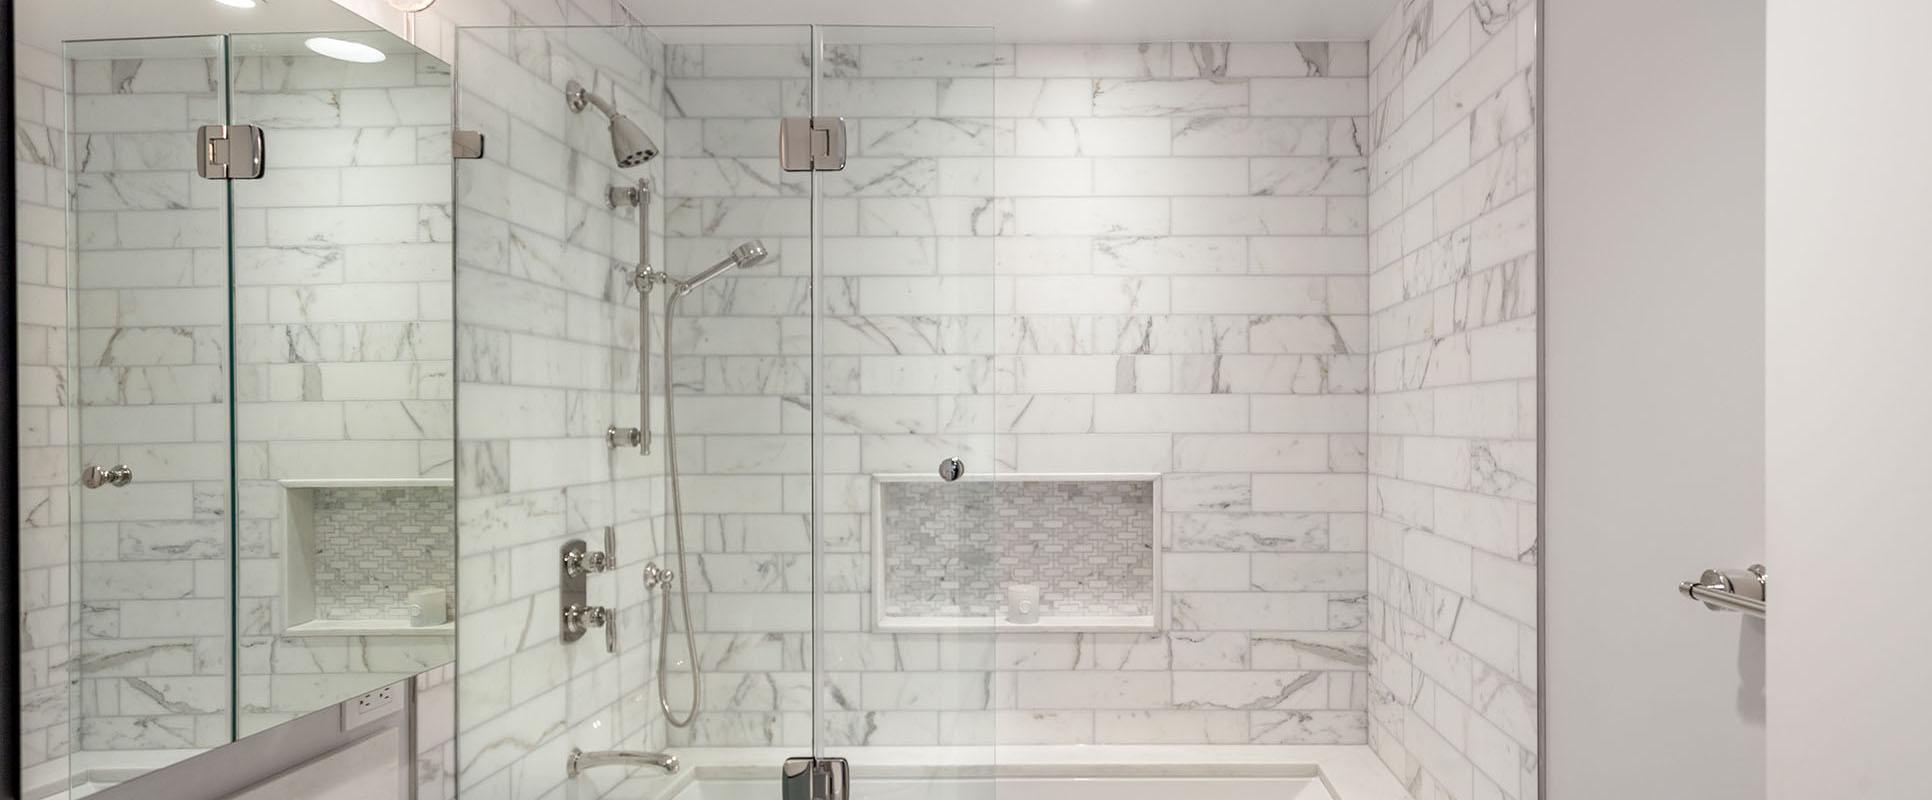 Bathroom in Washington, DC